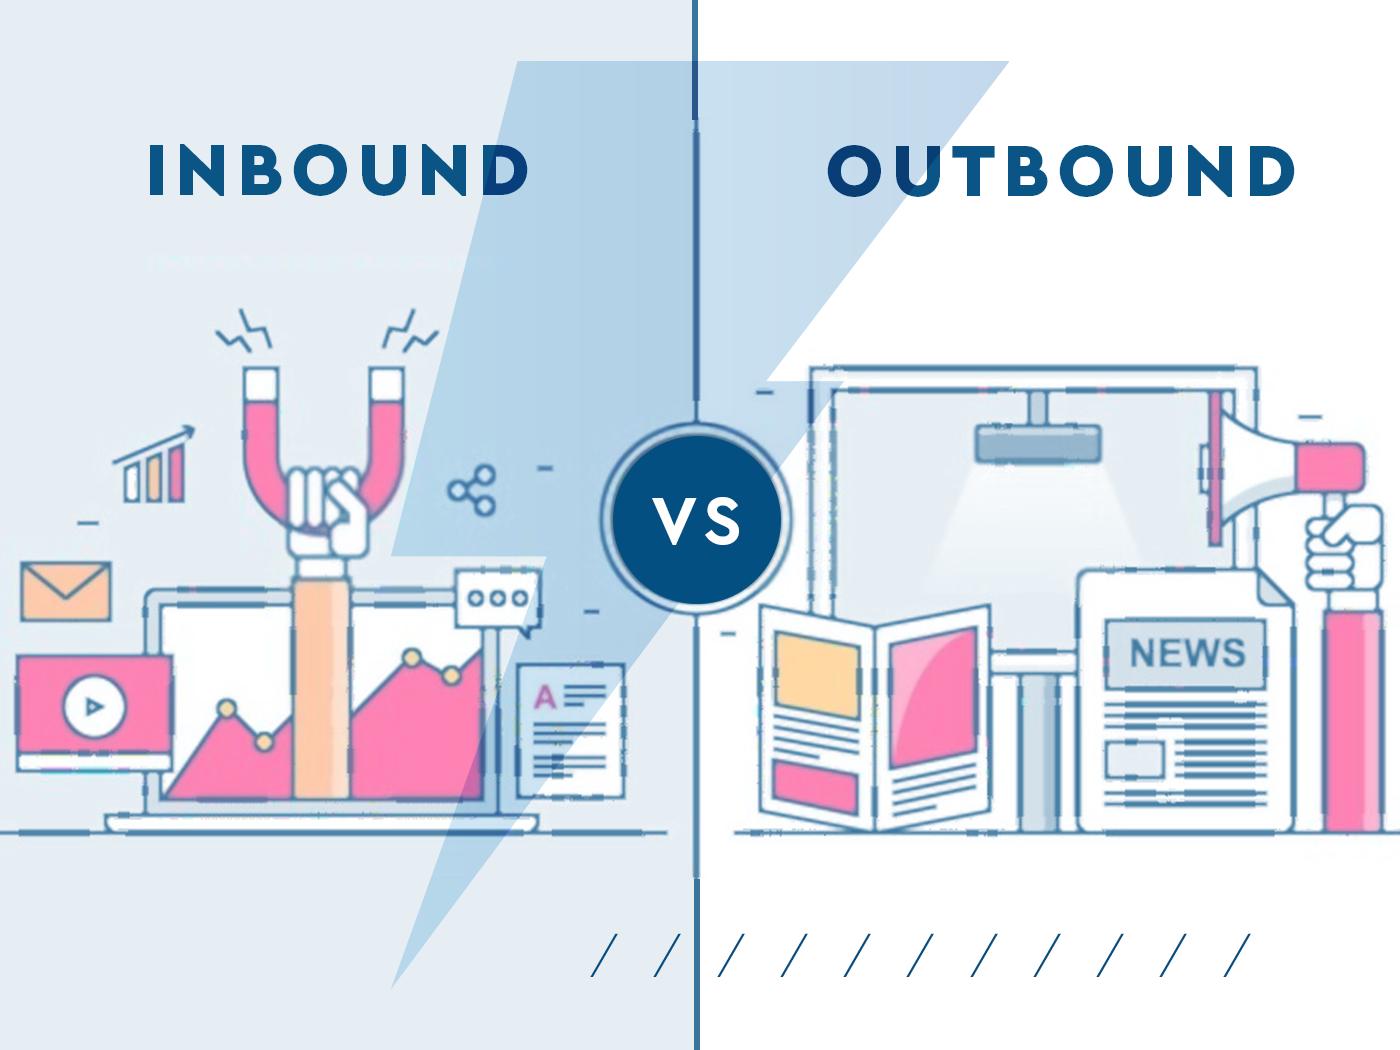 Conheça agora as diferenças entre o inbound marketing e outbound marketing, para aplicar as suas estratégias de marketing corretamente.